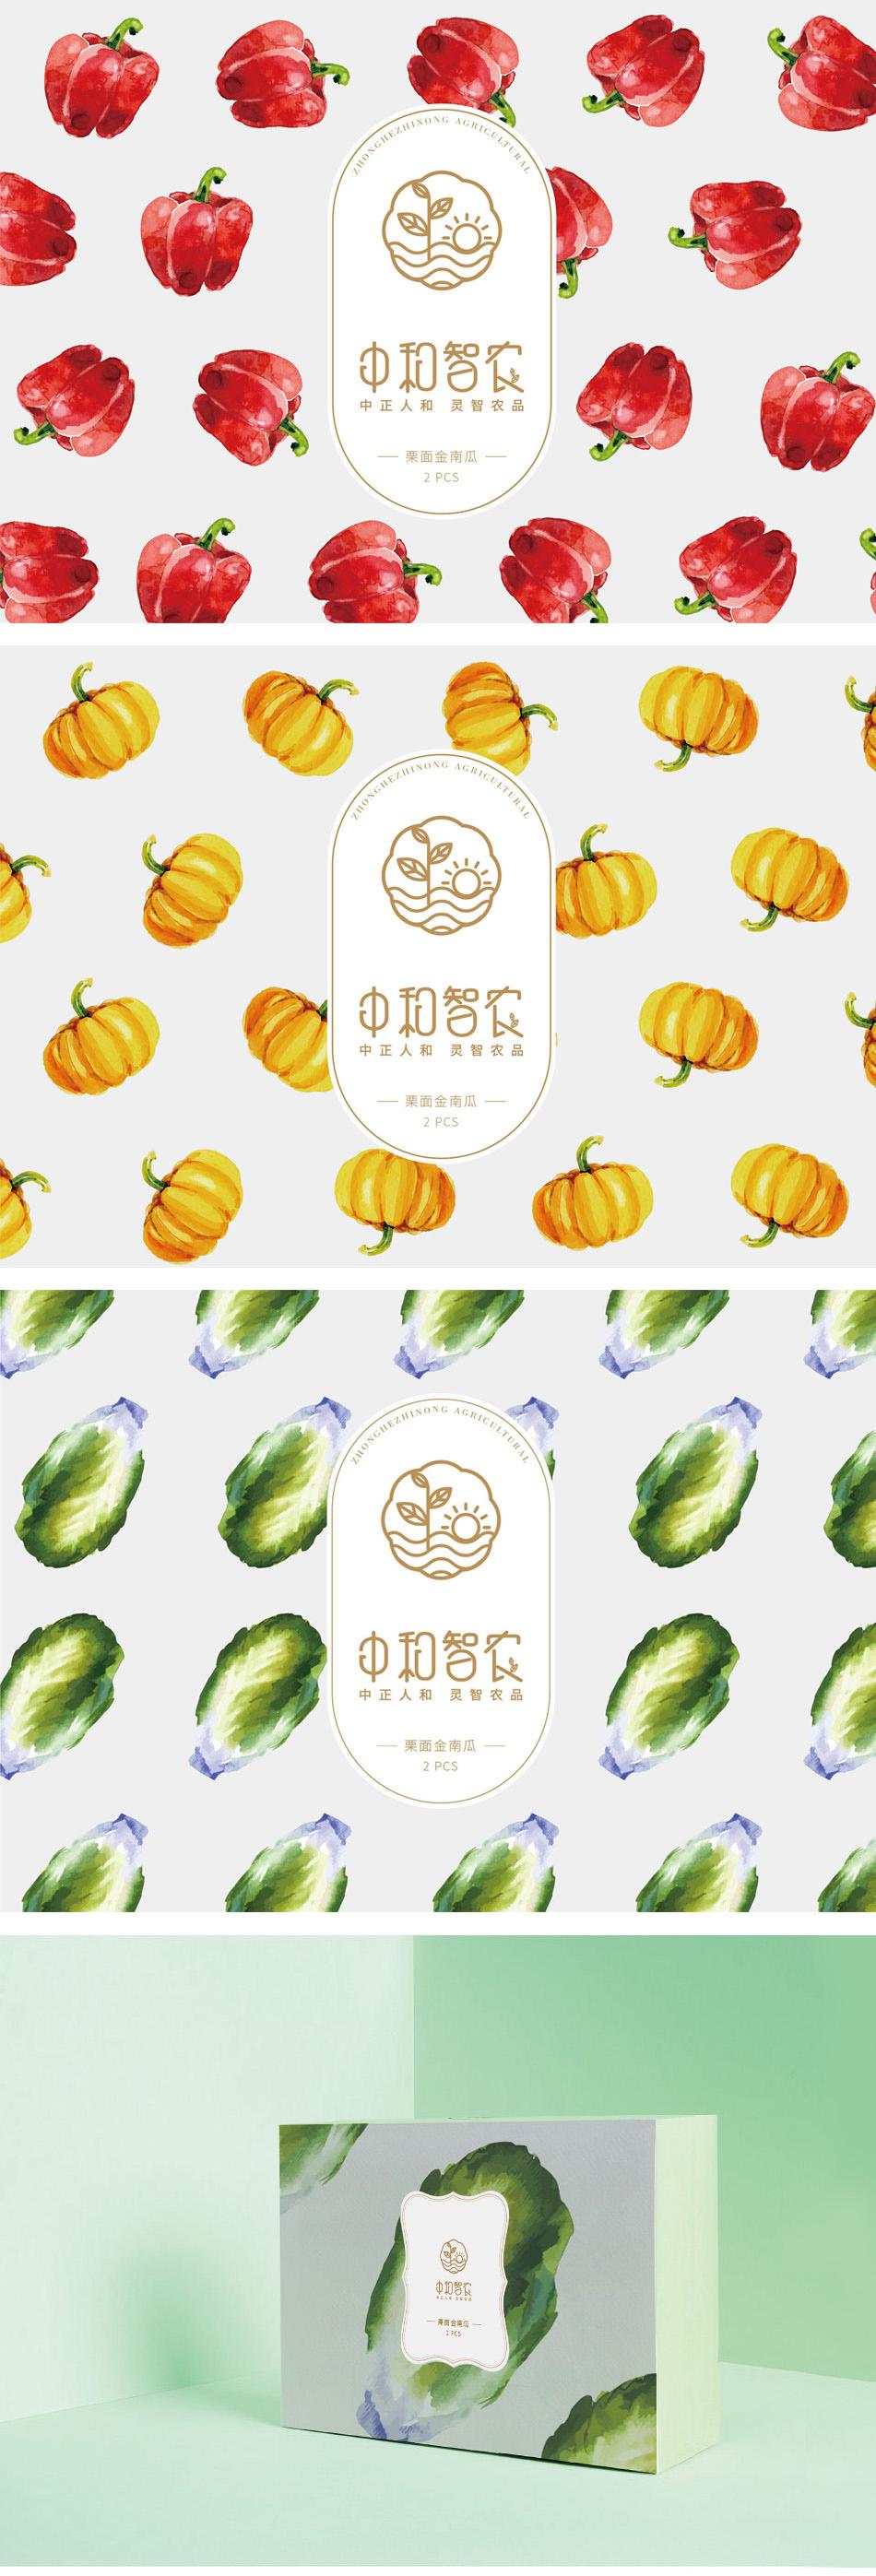 中和智农生态农业品牌VIS设计